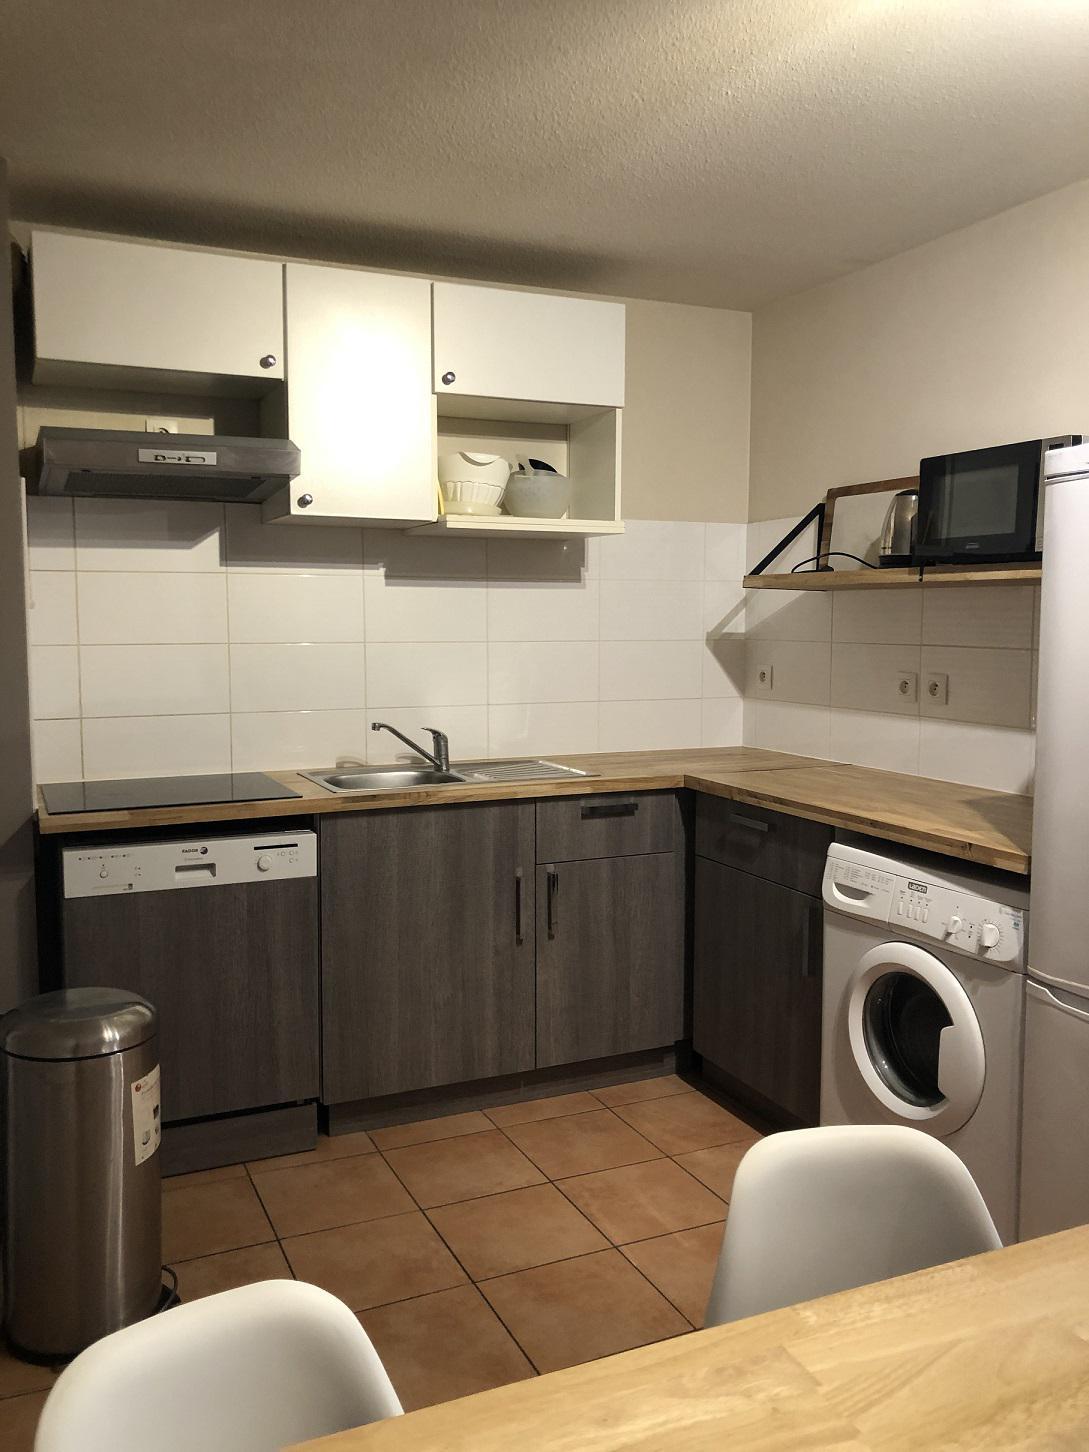 T3 1er étage 53 m2 TOULOUSE Impasse Benoit Arzac Proche centre Métro A Saint Cyprien (230) - 230-05.jpg